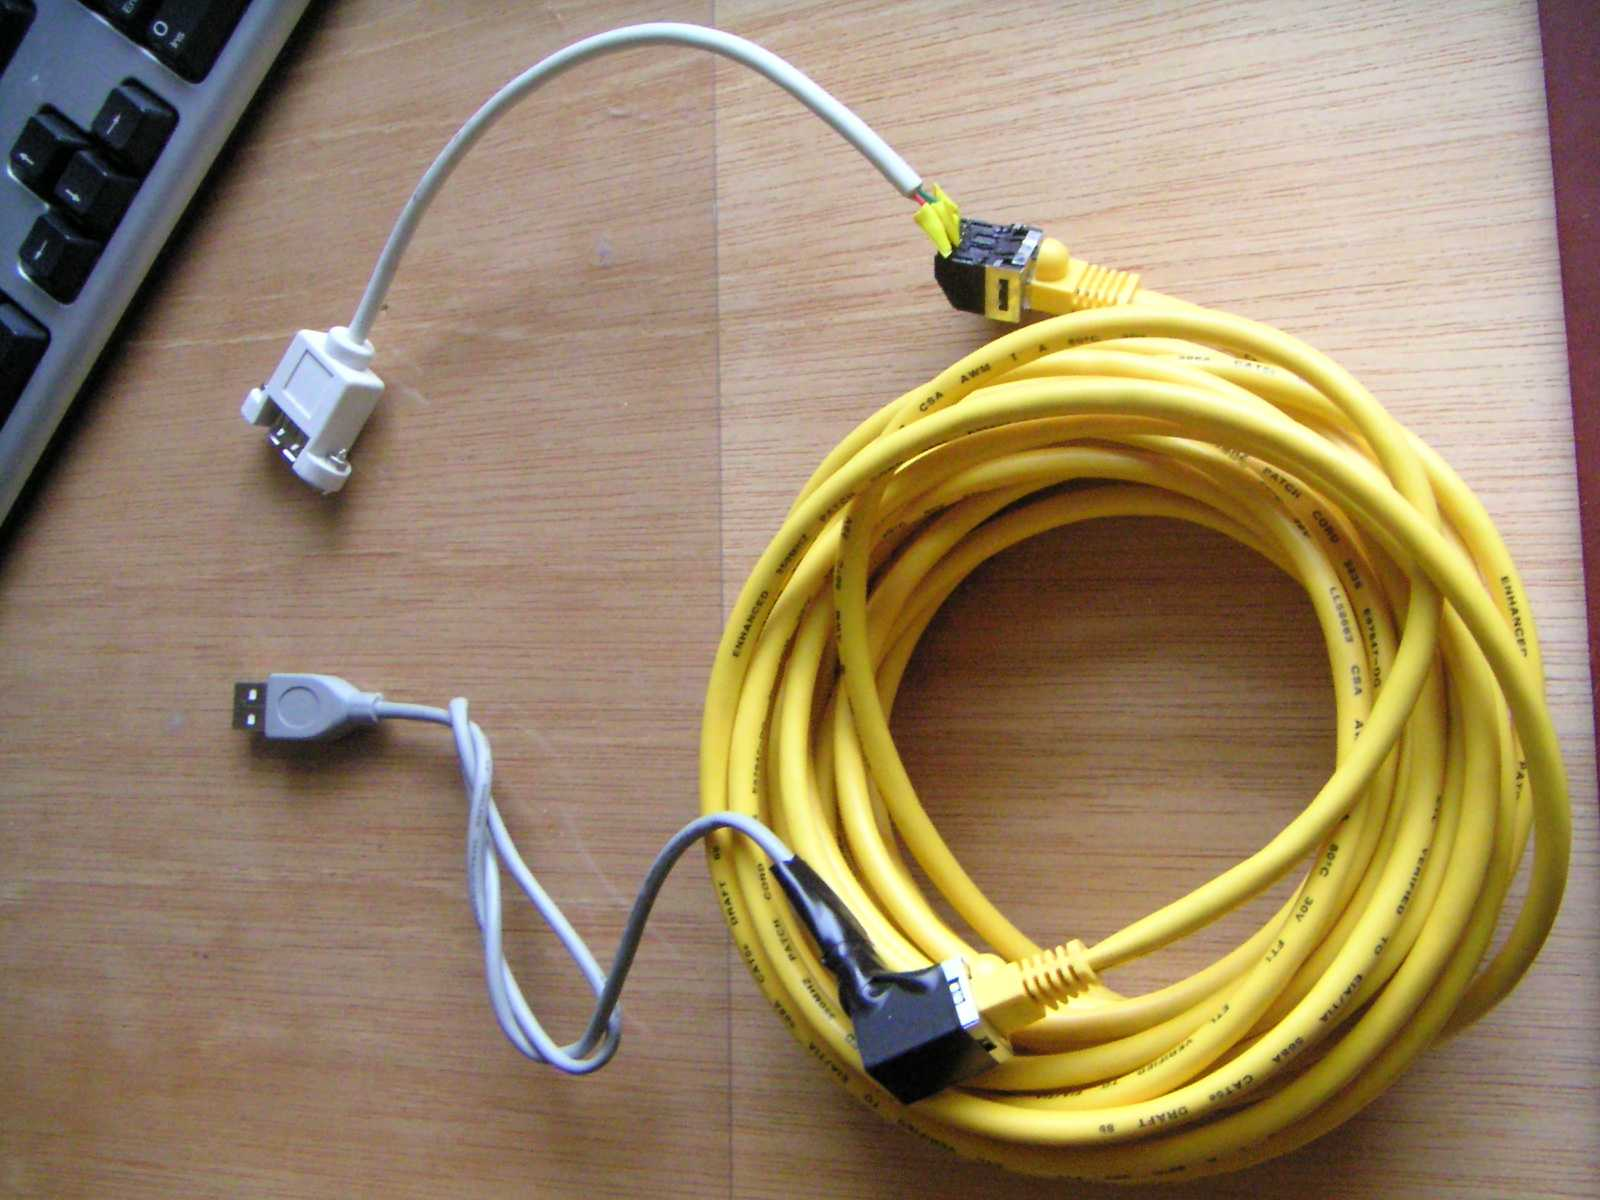 medium resolution of vga over cat5 wiring diagram wiring diagram centre mix vga over cat5 wiring diagram schematic diagramusb